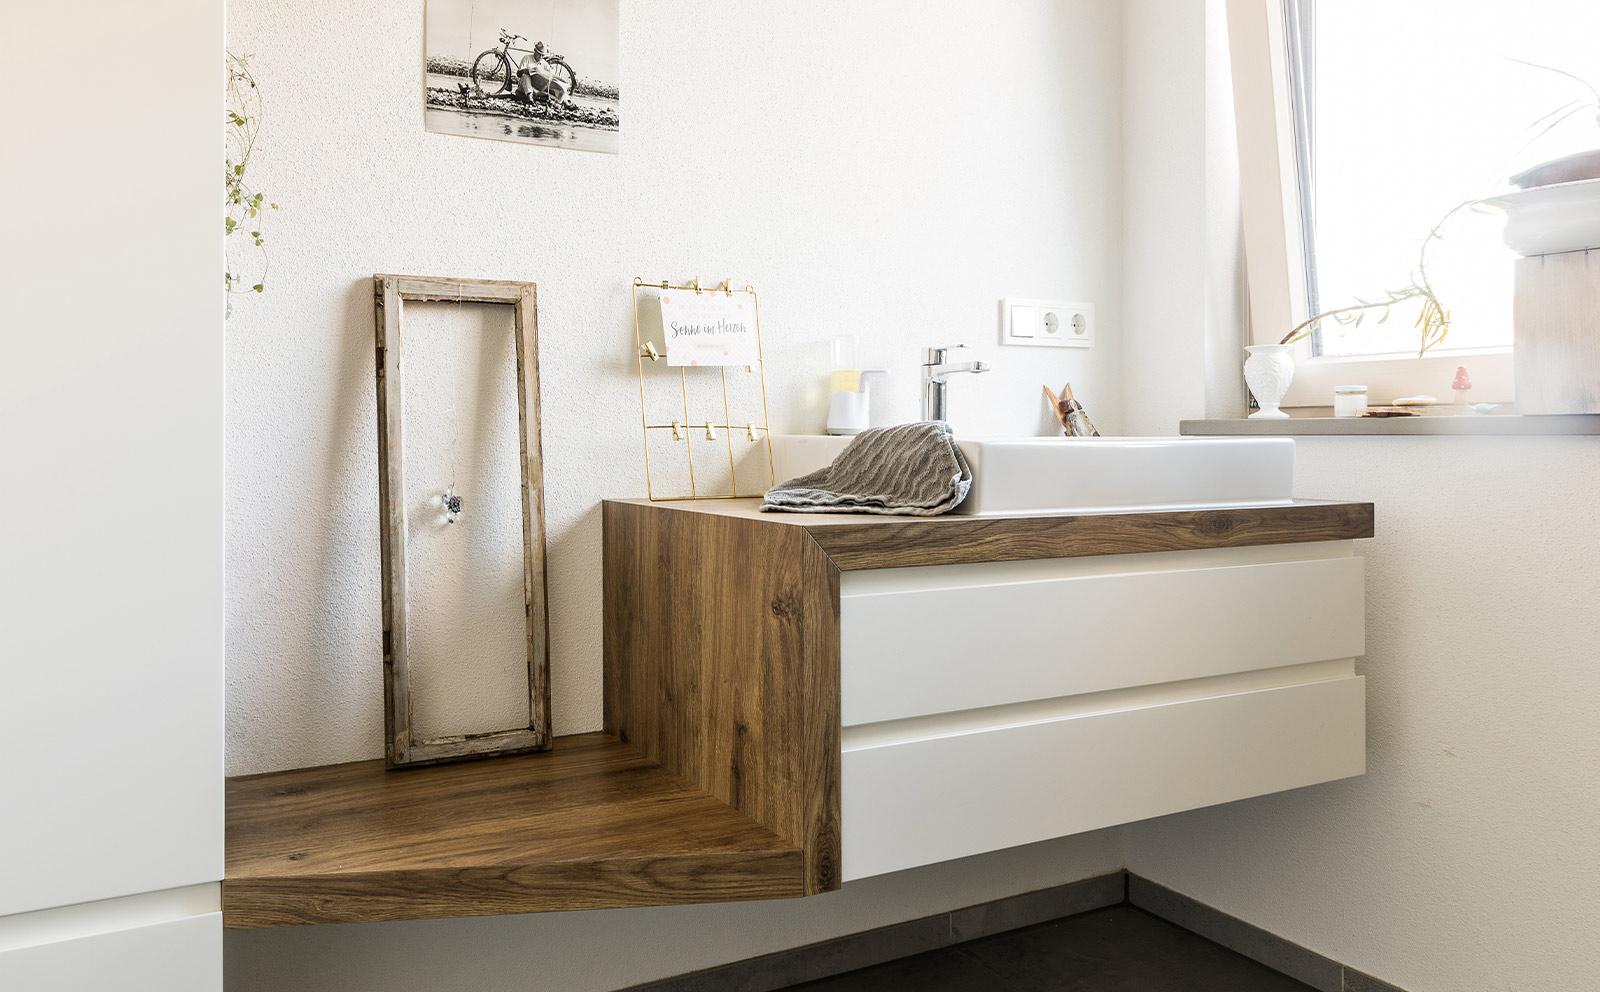 Waschtich aus Holz